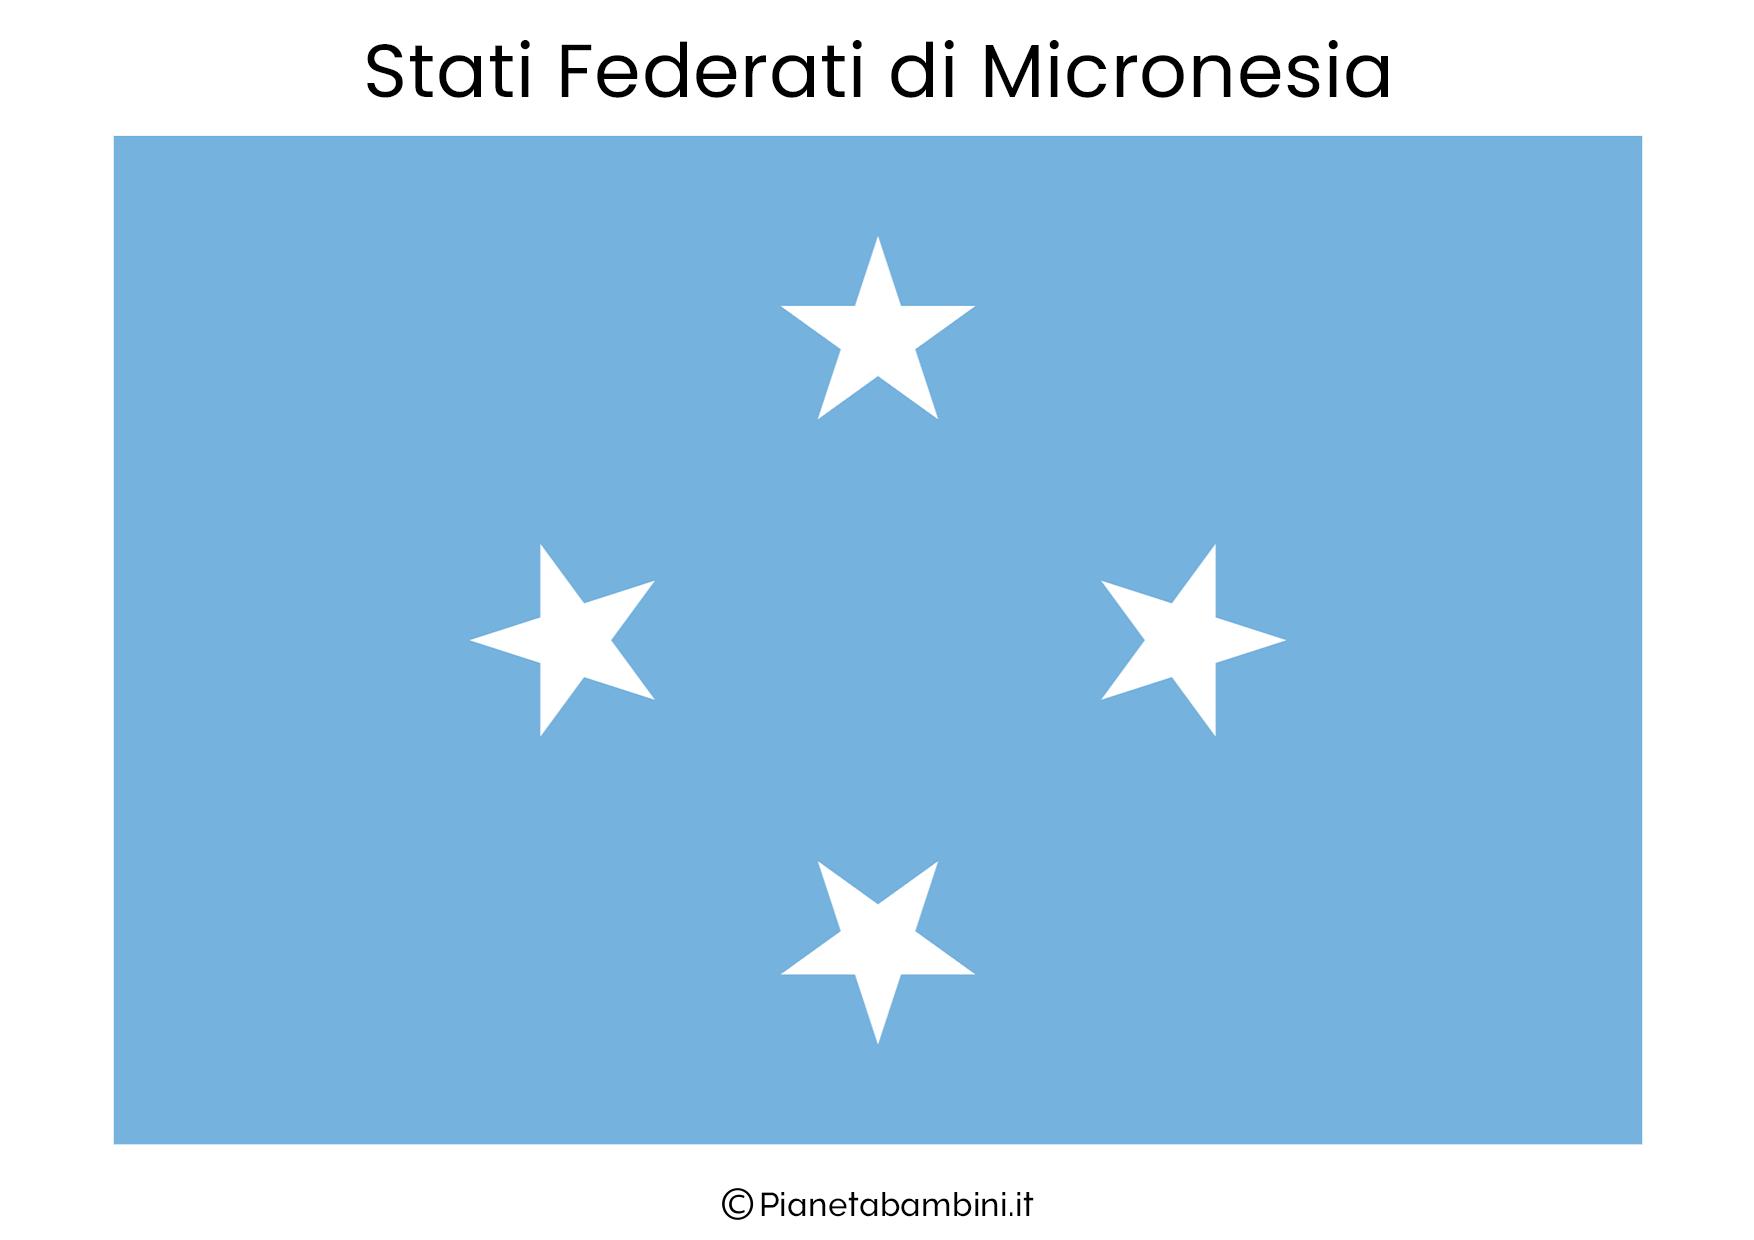 Bandiera degli Stati Federati di Micronesia da stampare